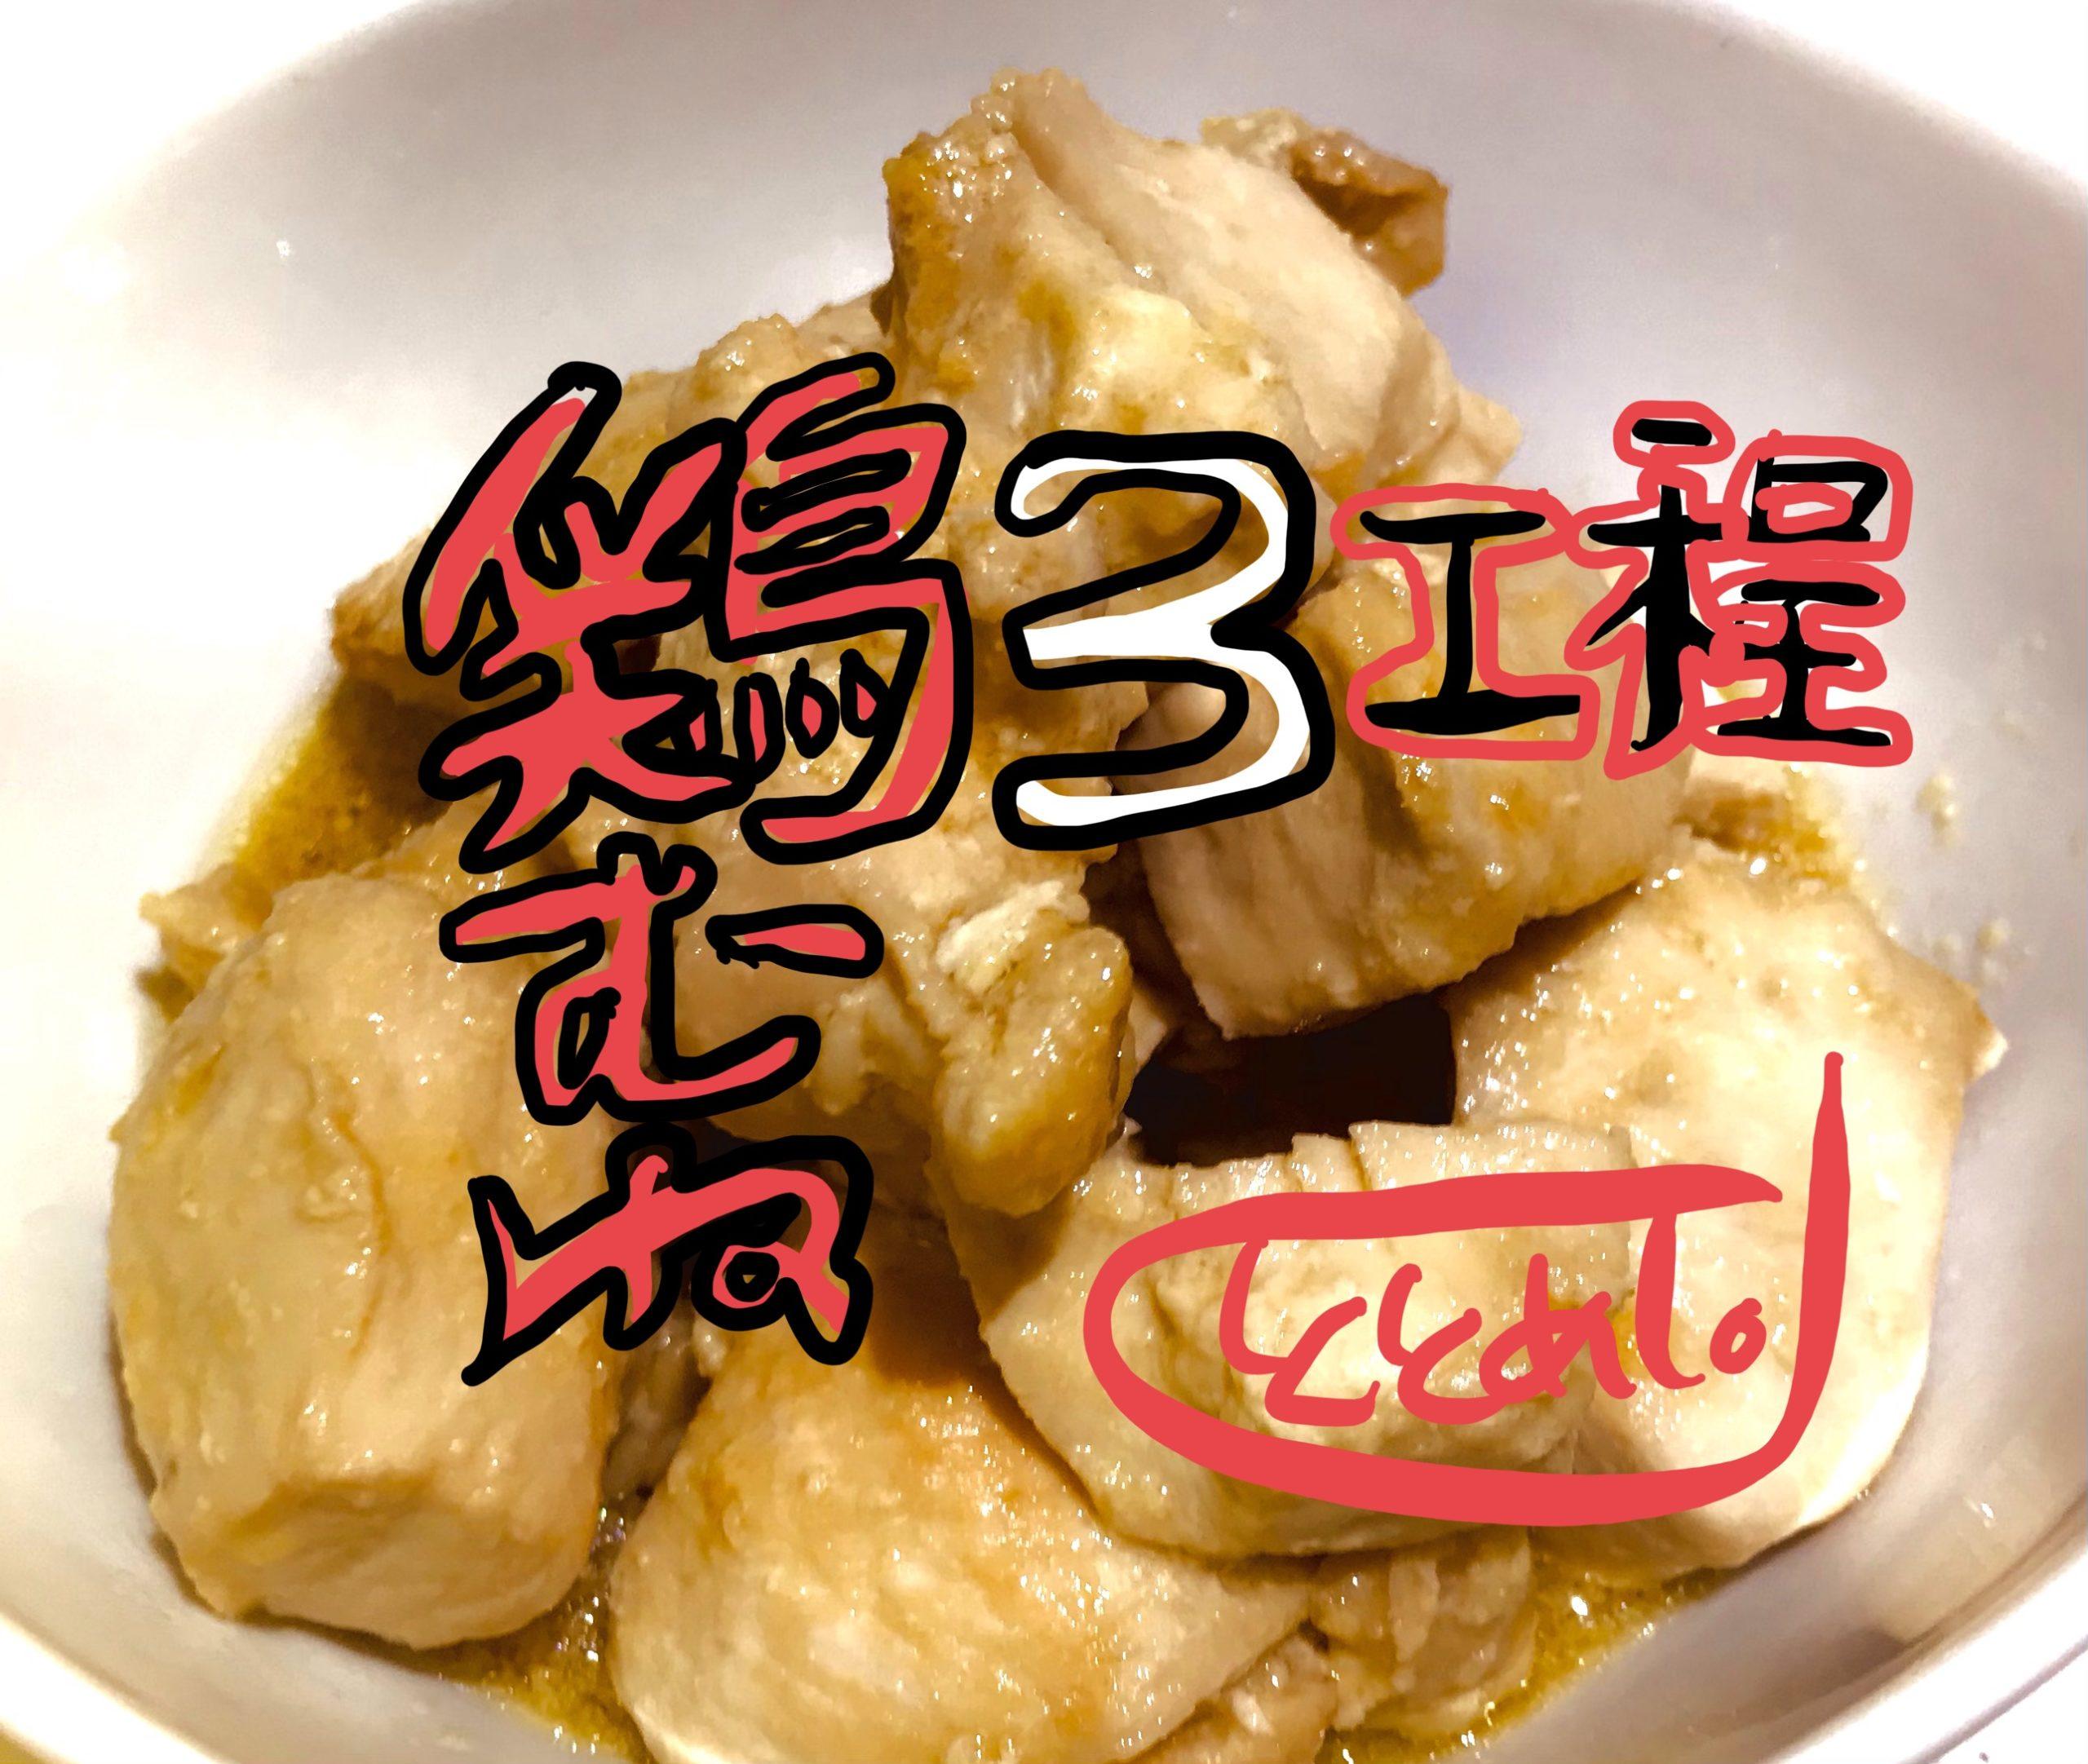 鶏 胸 肉 を 使っ た 料理